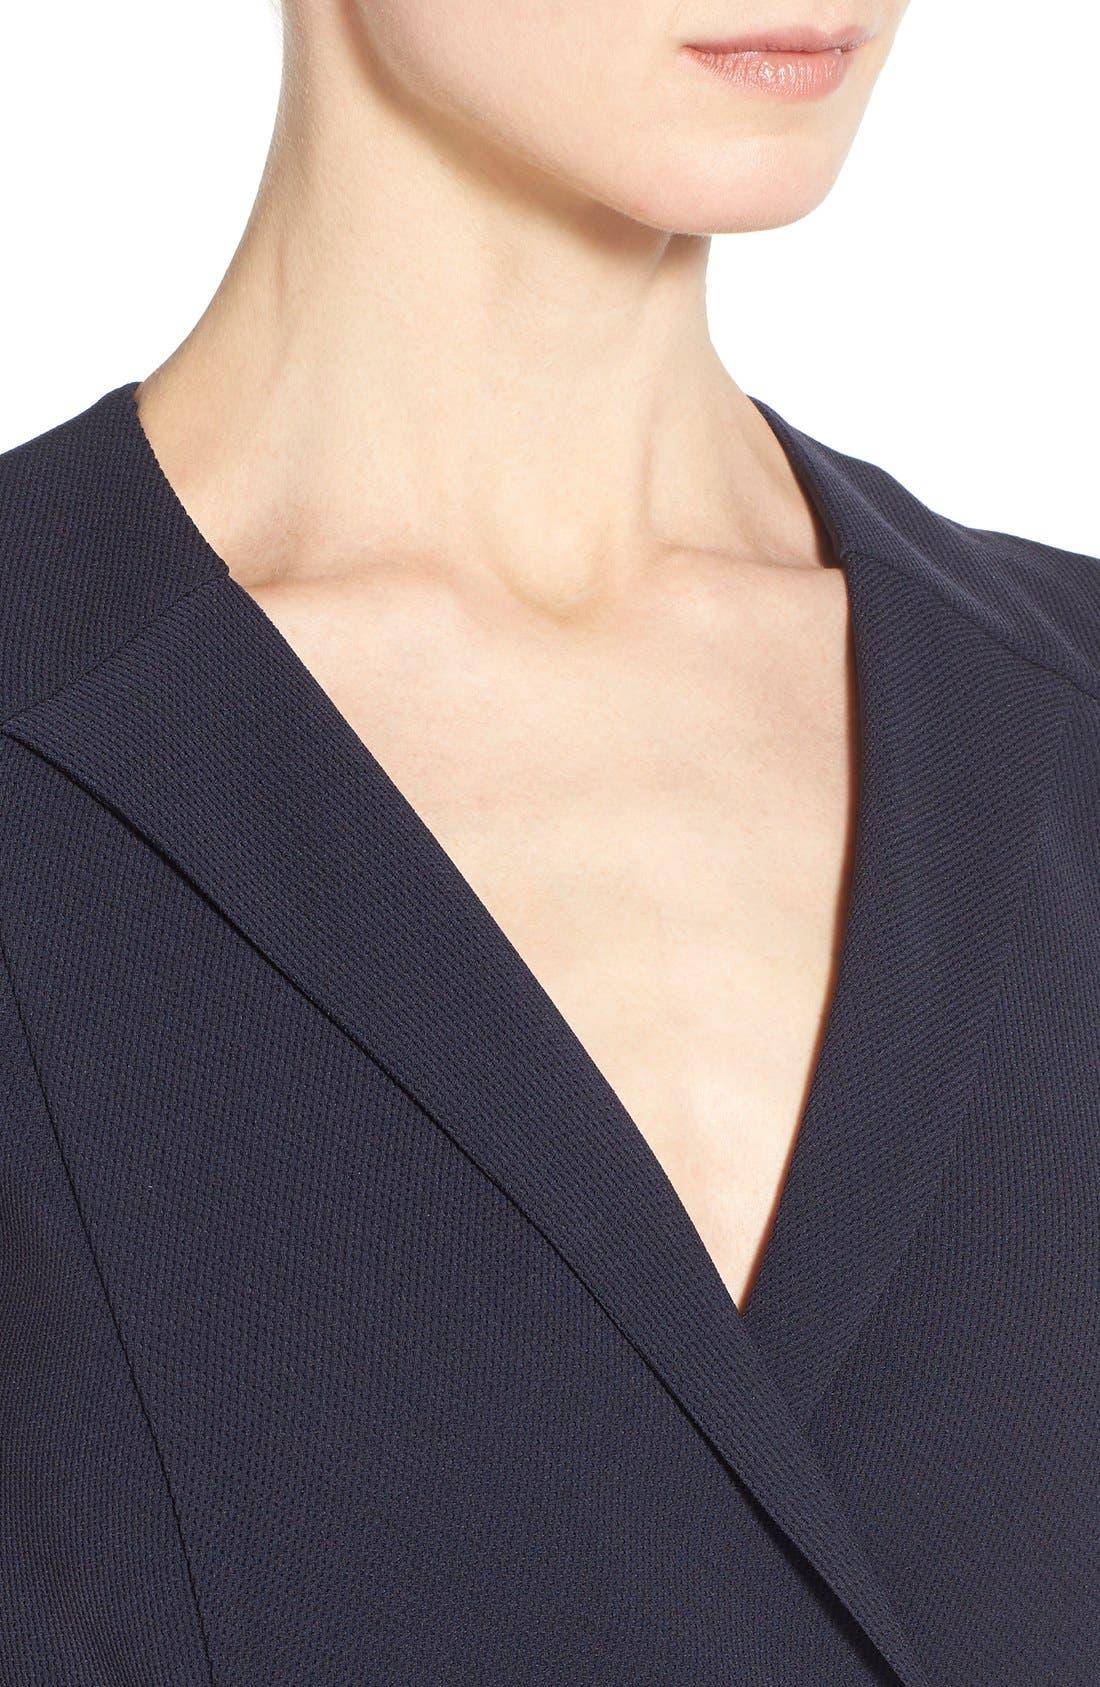 'Damarine' V-Neck Sleeveless Tuxedo Dress,                             Alternate thumbnail 2, color,                             411